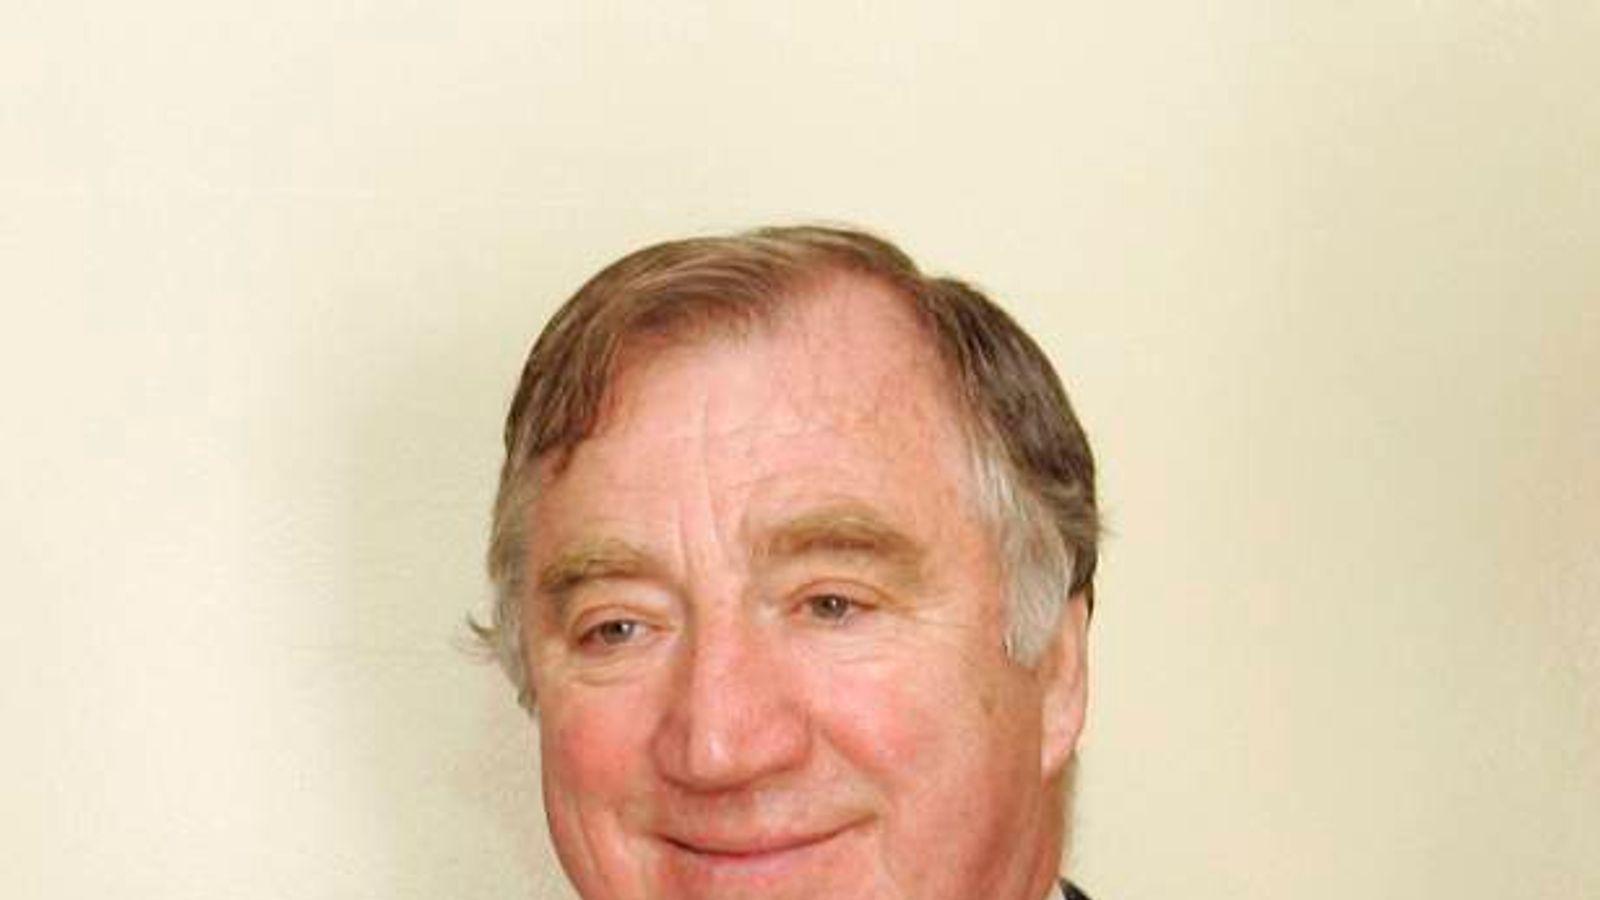 Lord Ballyedmond Eddie Haughey